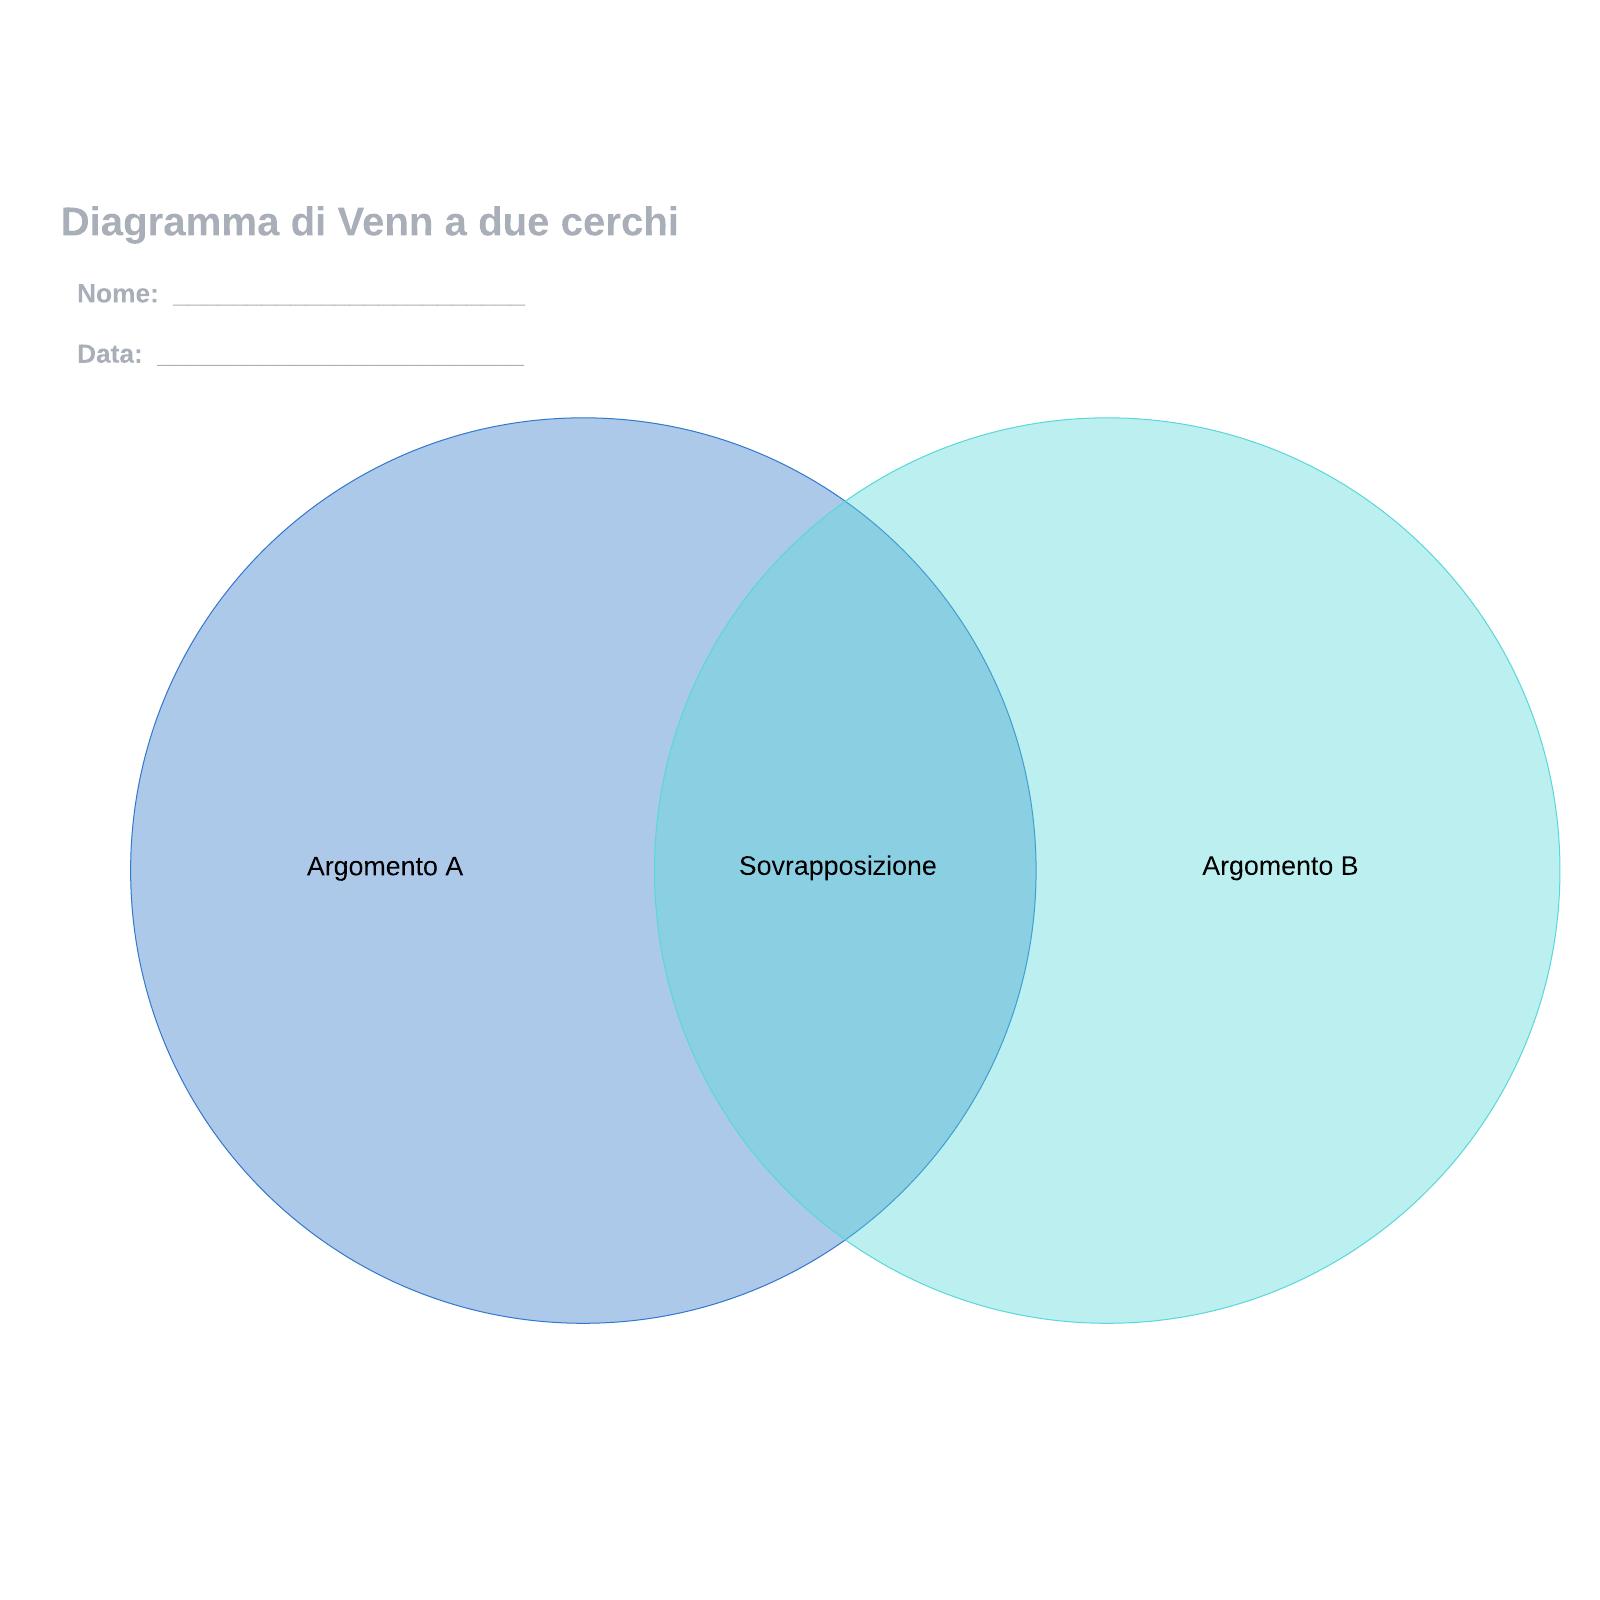 Diagramma di Venn a due cerchi